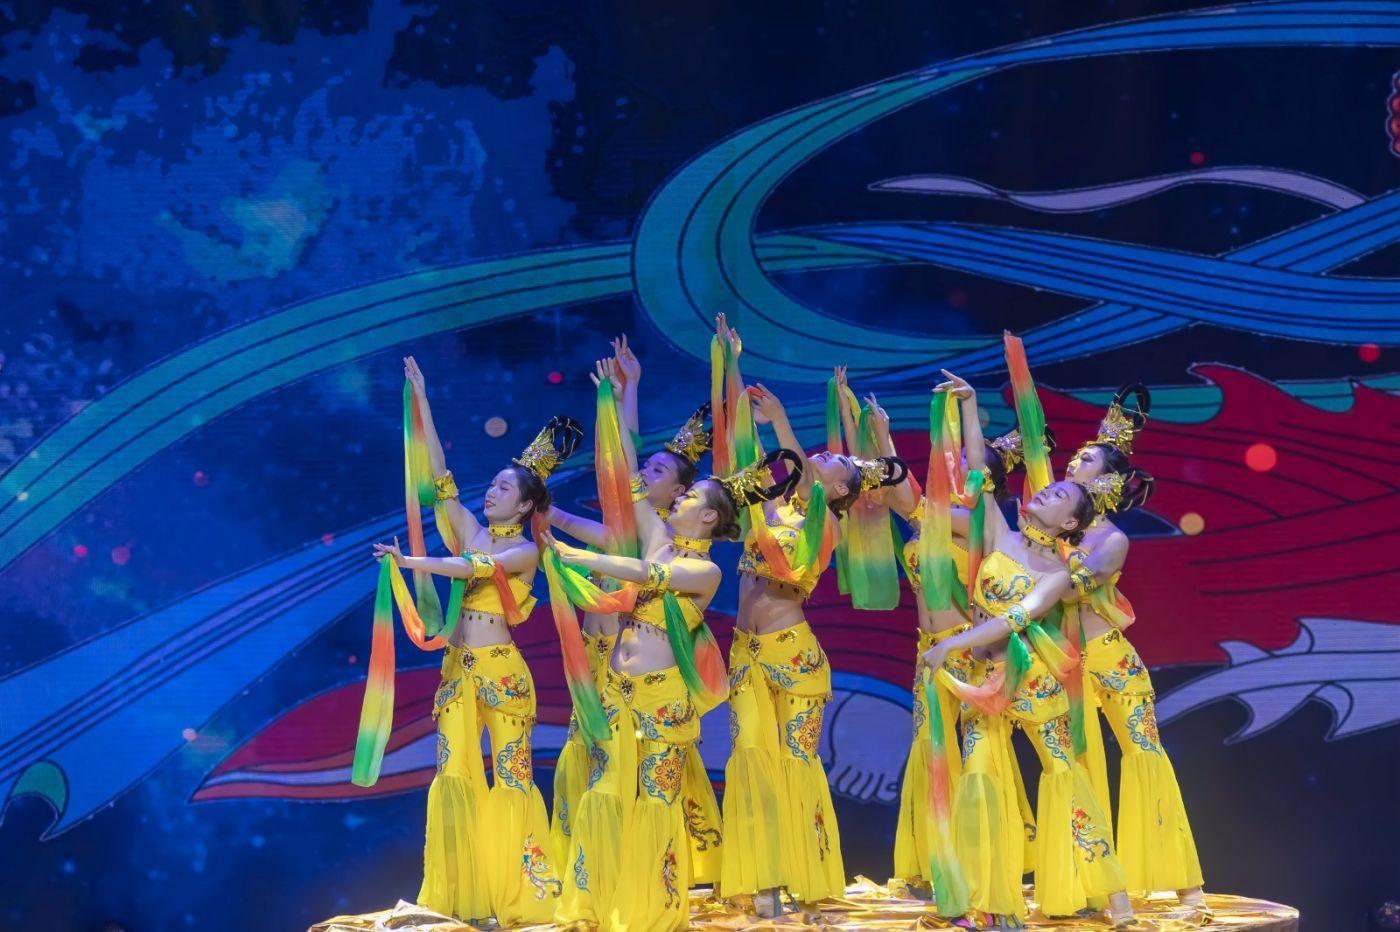 沂蒙大地上 有一种舞蹈叫飞天 这是几位临沂女孩的杰作 美轮美奂 ..._图1-49